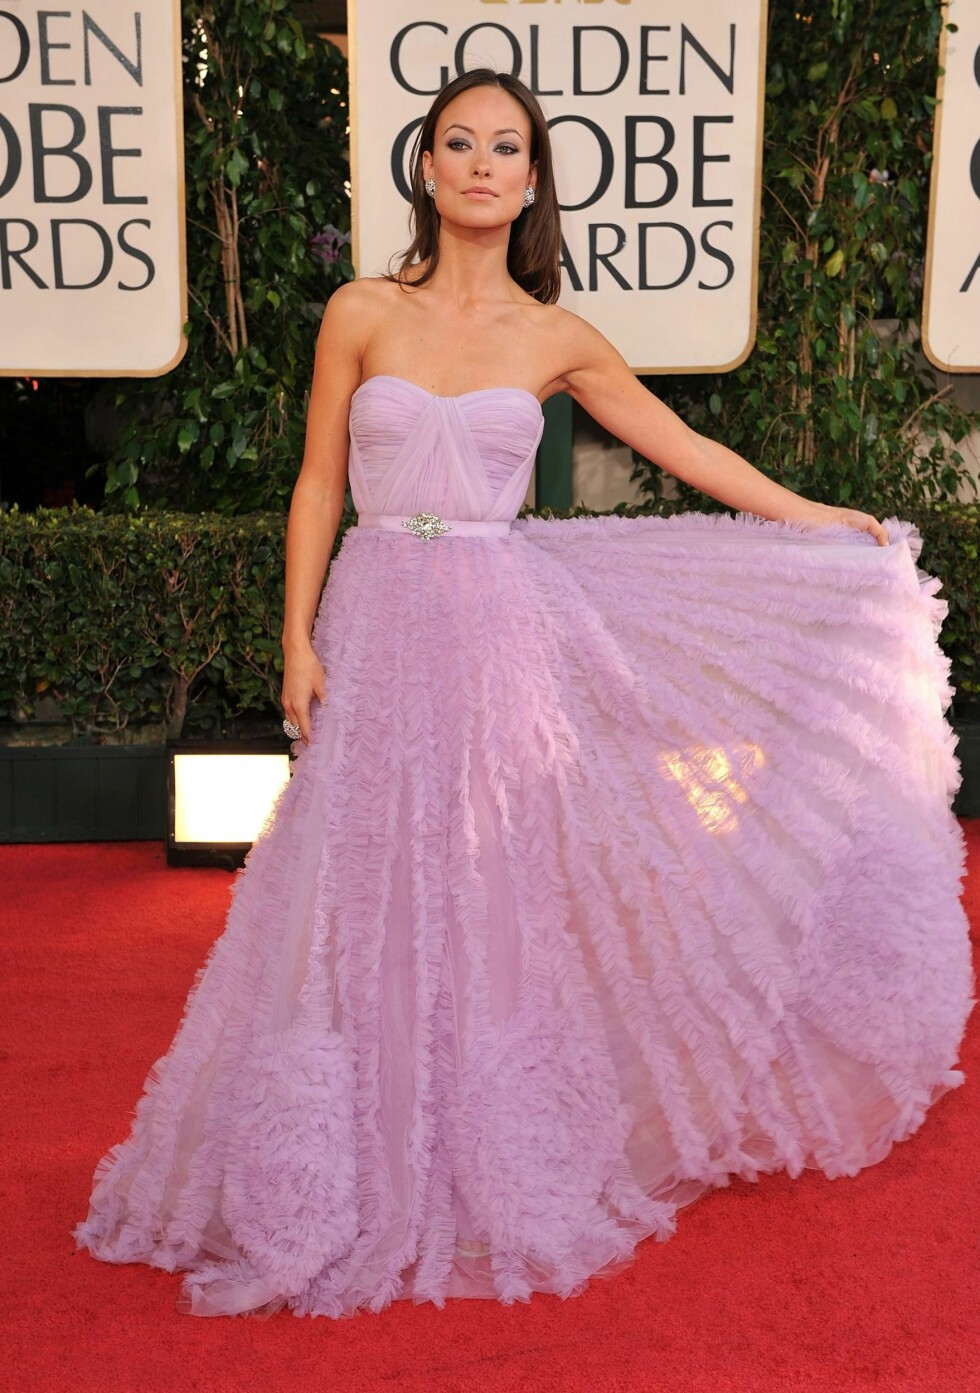 SOM EN PRINSESSE: En nydelig kjole som dette fortjener å skinne alene. Her ser Olivia Wilde ut som en eventyrprinsesse.  Foto: All Over Press